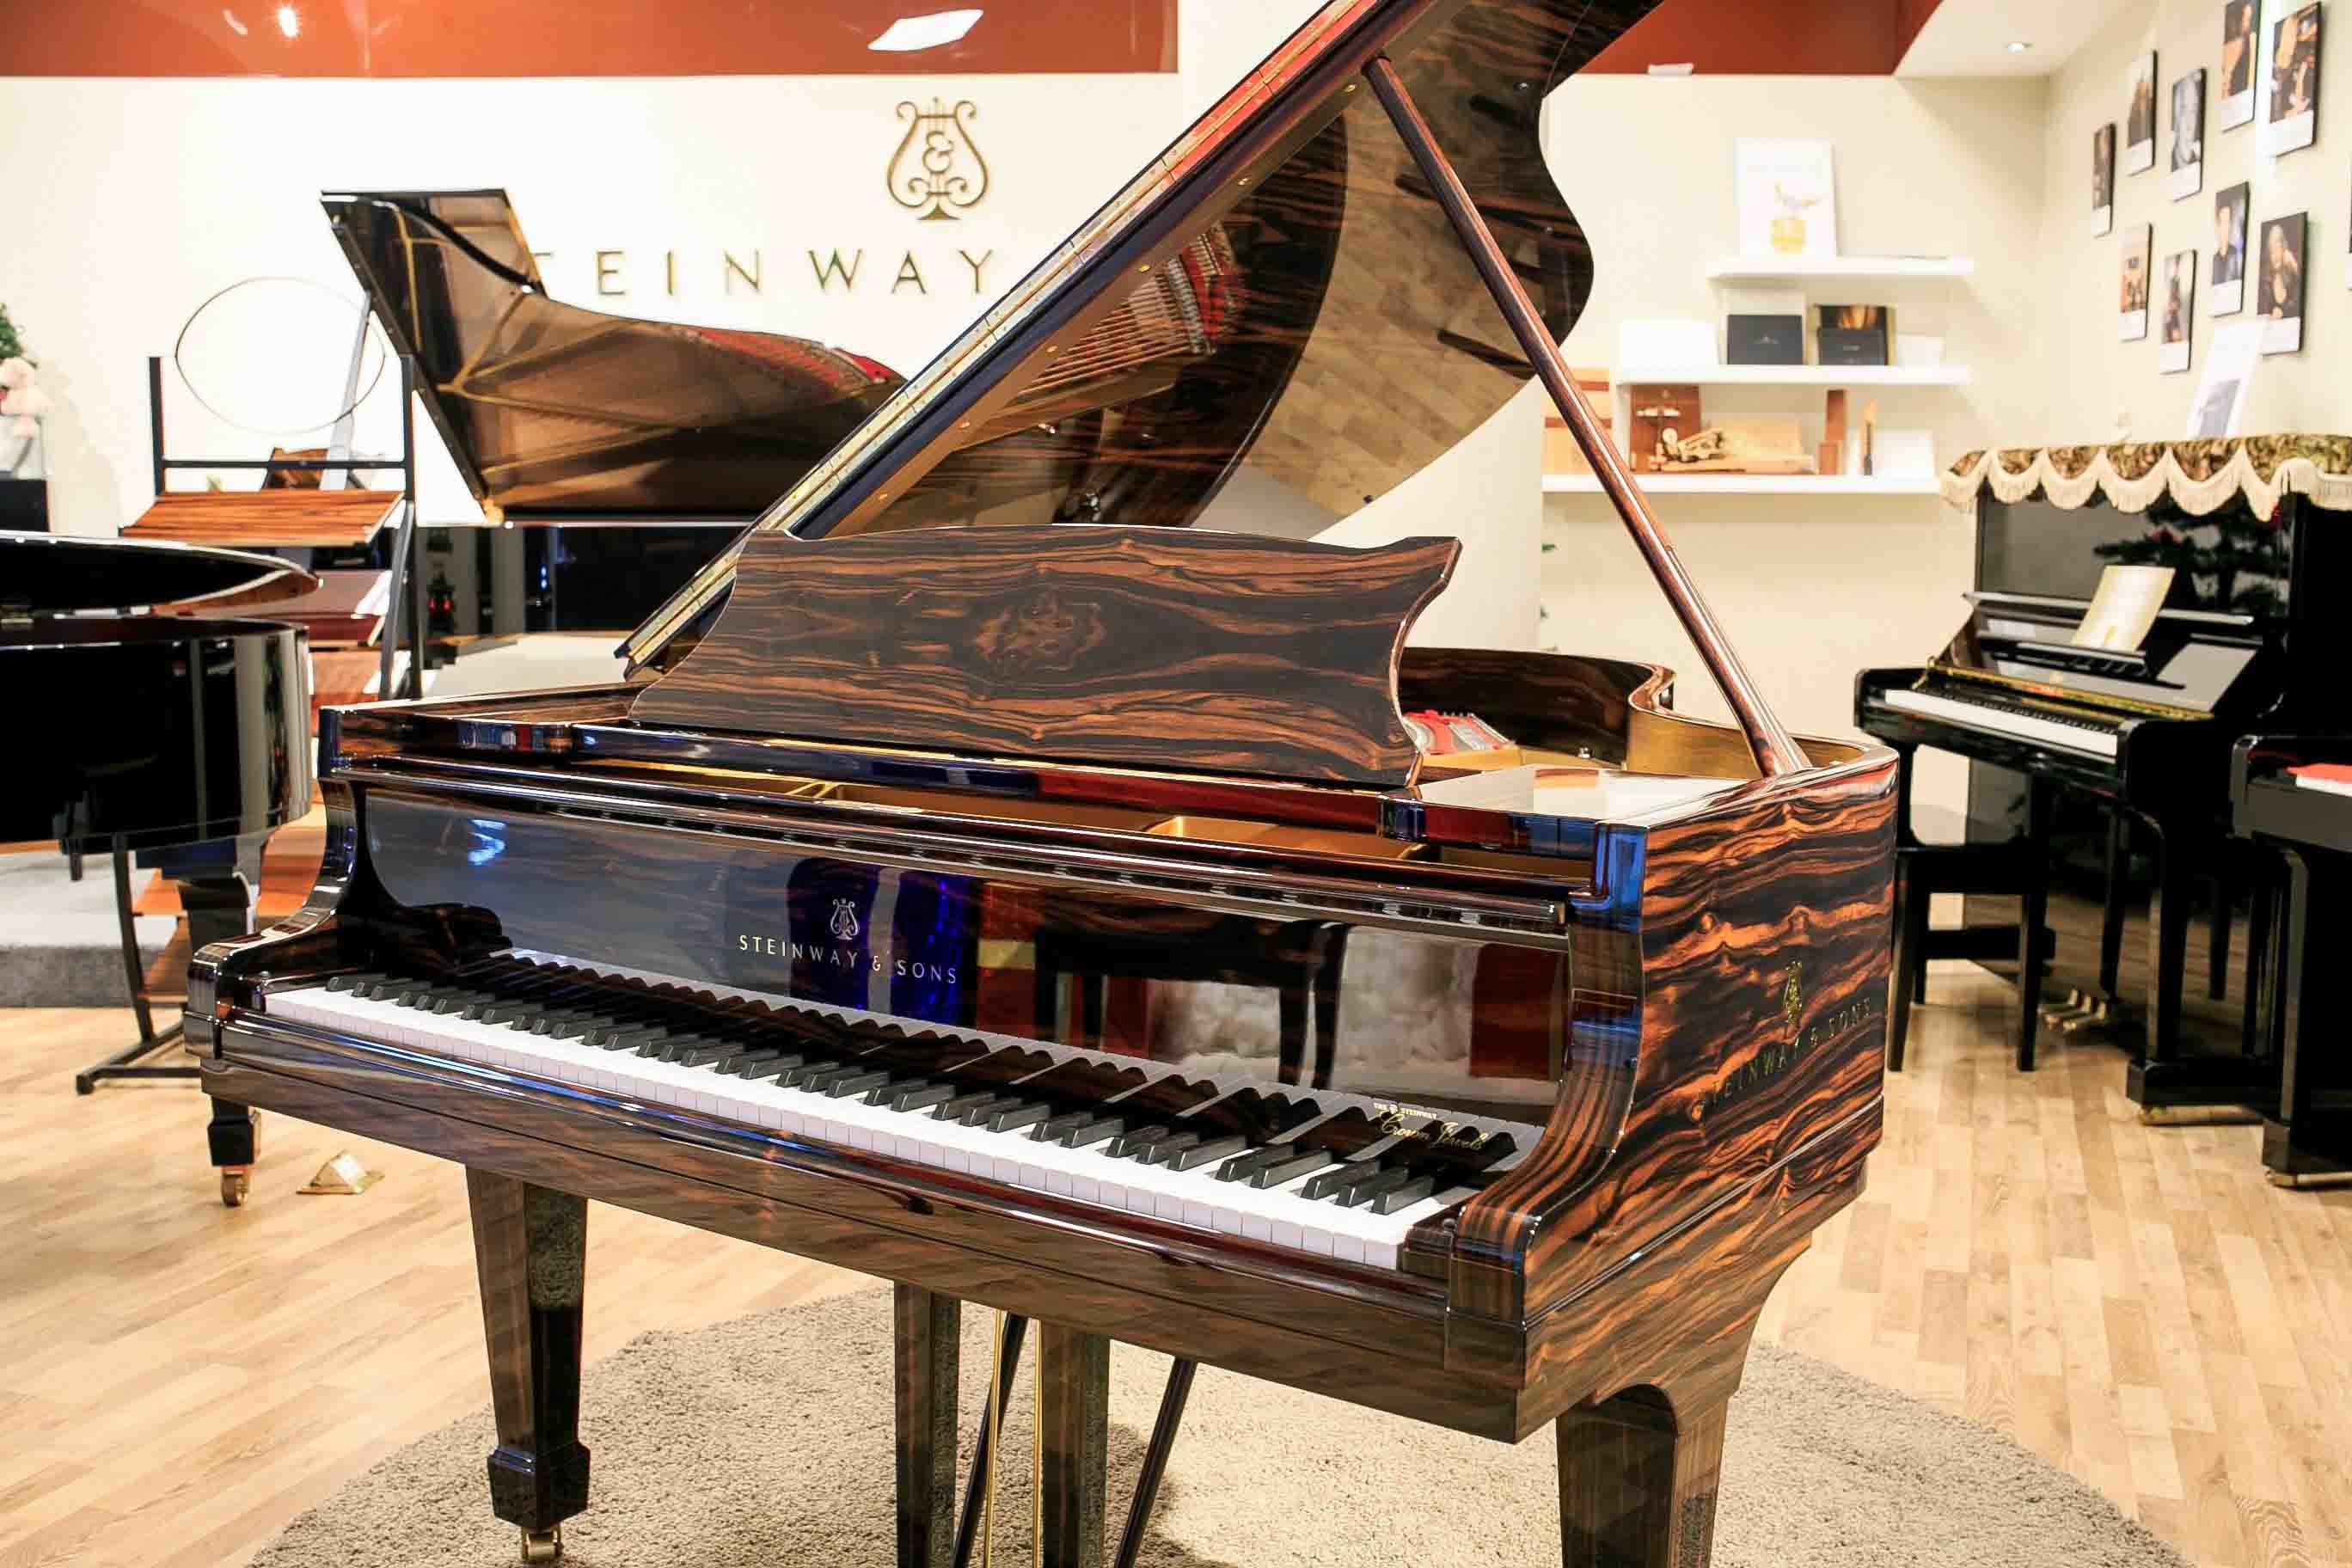 Địa chỉ bán đàn piano giá rẻ tại tphcm - steinway